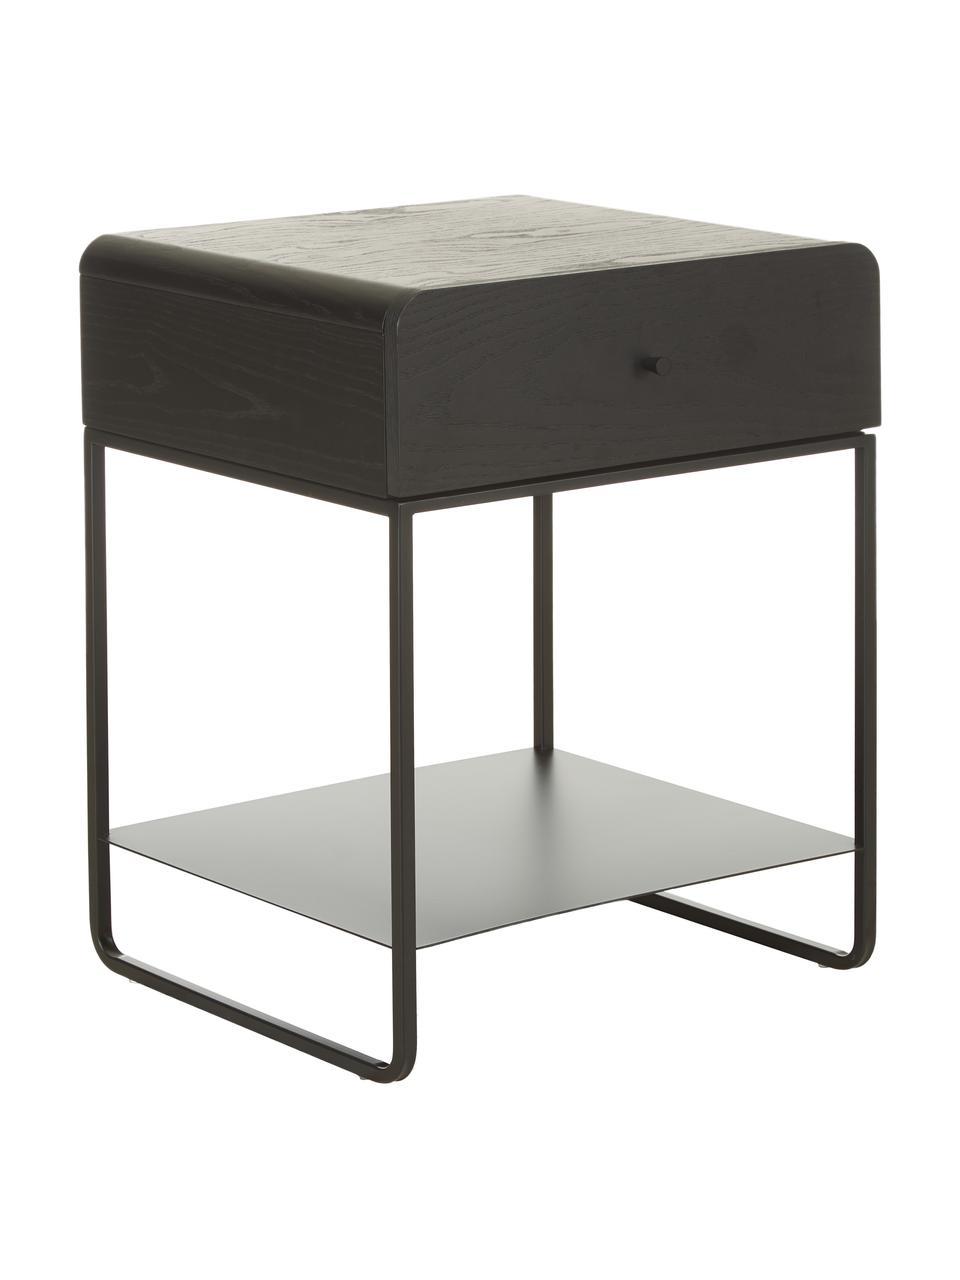 Comodino con cassetto Sally, Struttura: metallo verniciato a polv, Nero, Larg. 45 x Lung. 58 cm